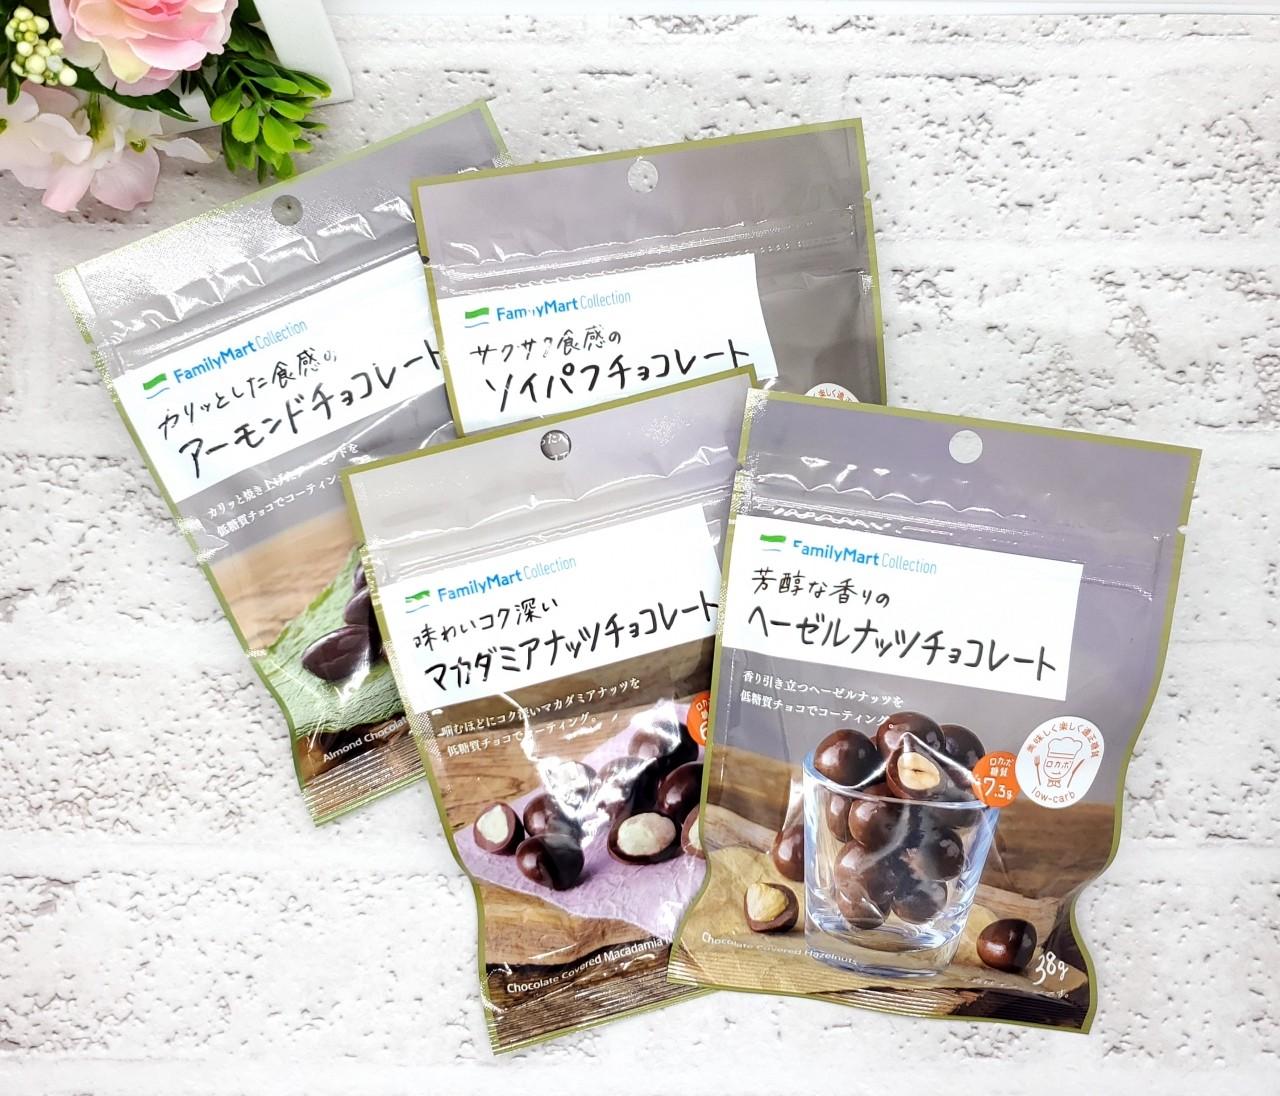 【ファミマ】低糖質(10g以下)で安心♪ロカボマーク入りのチョコレート菓子4種類を紹介